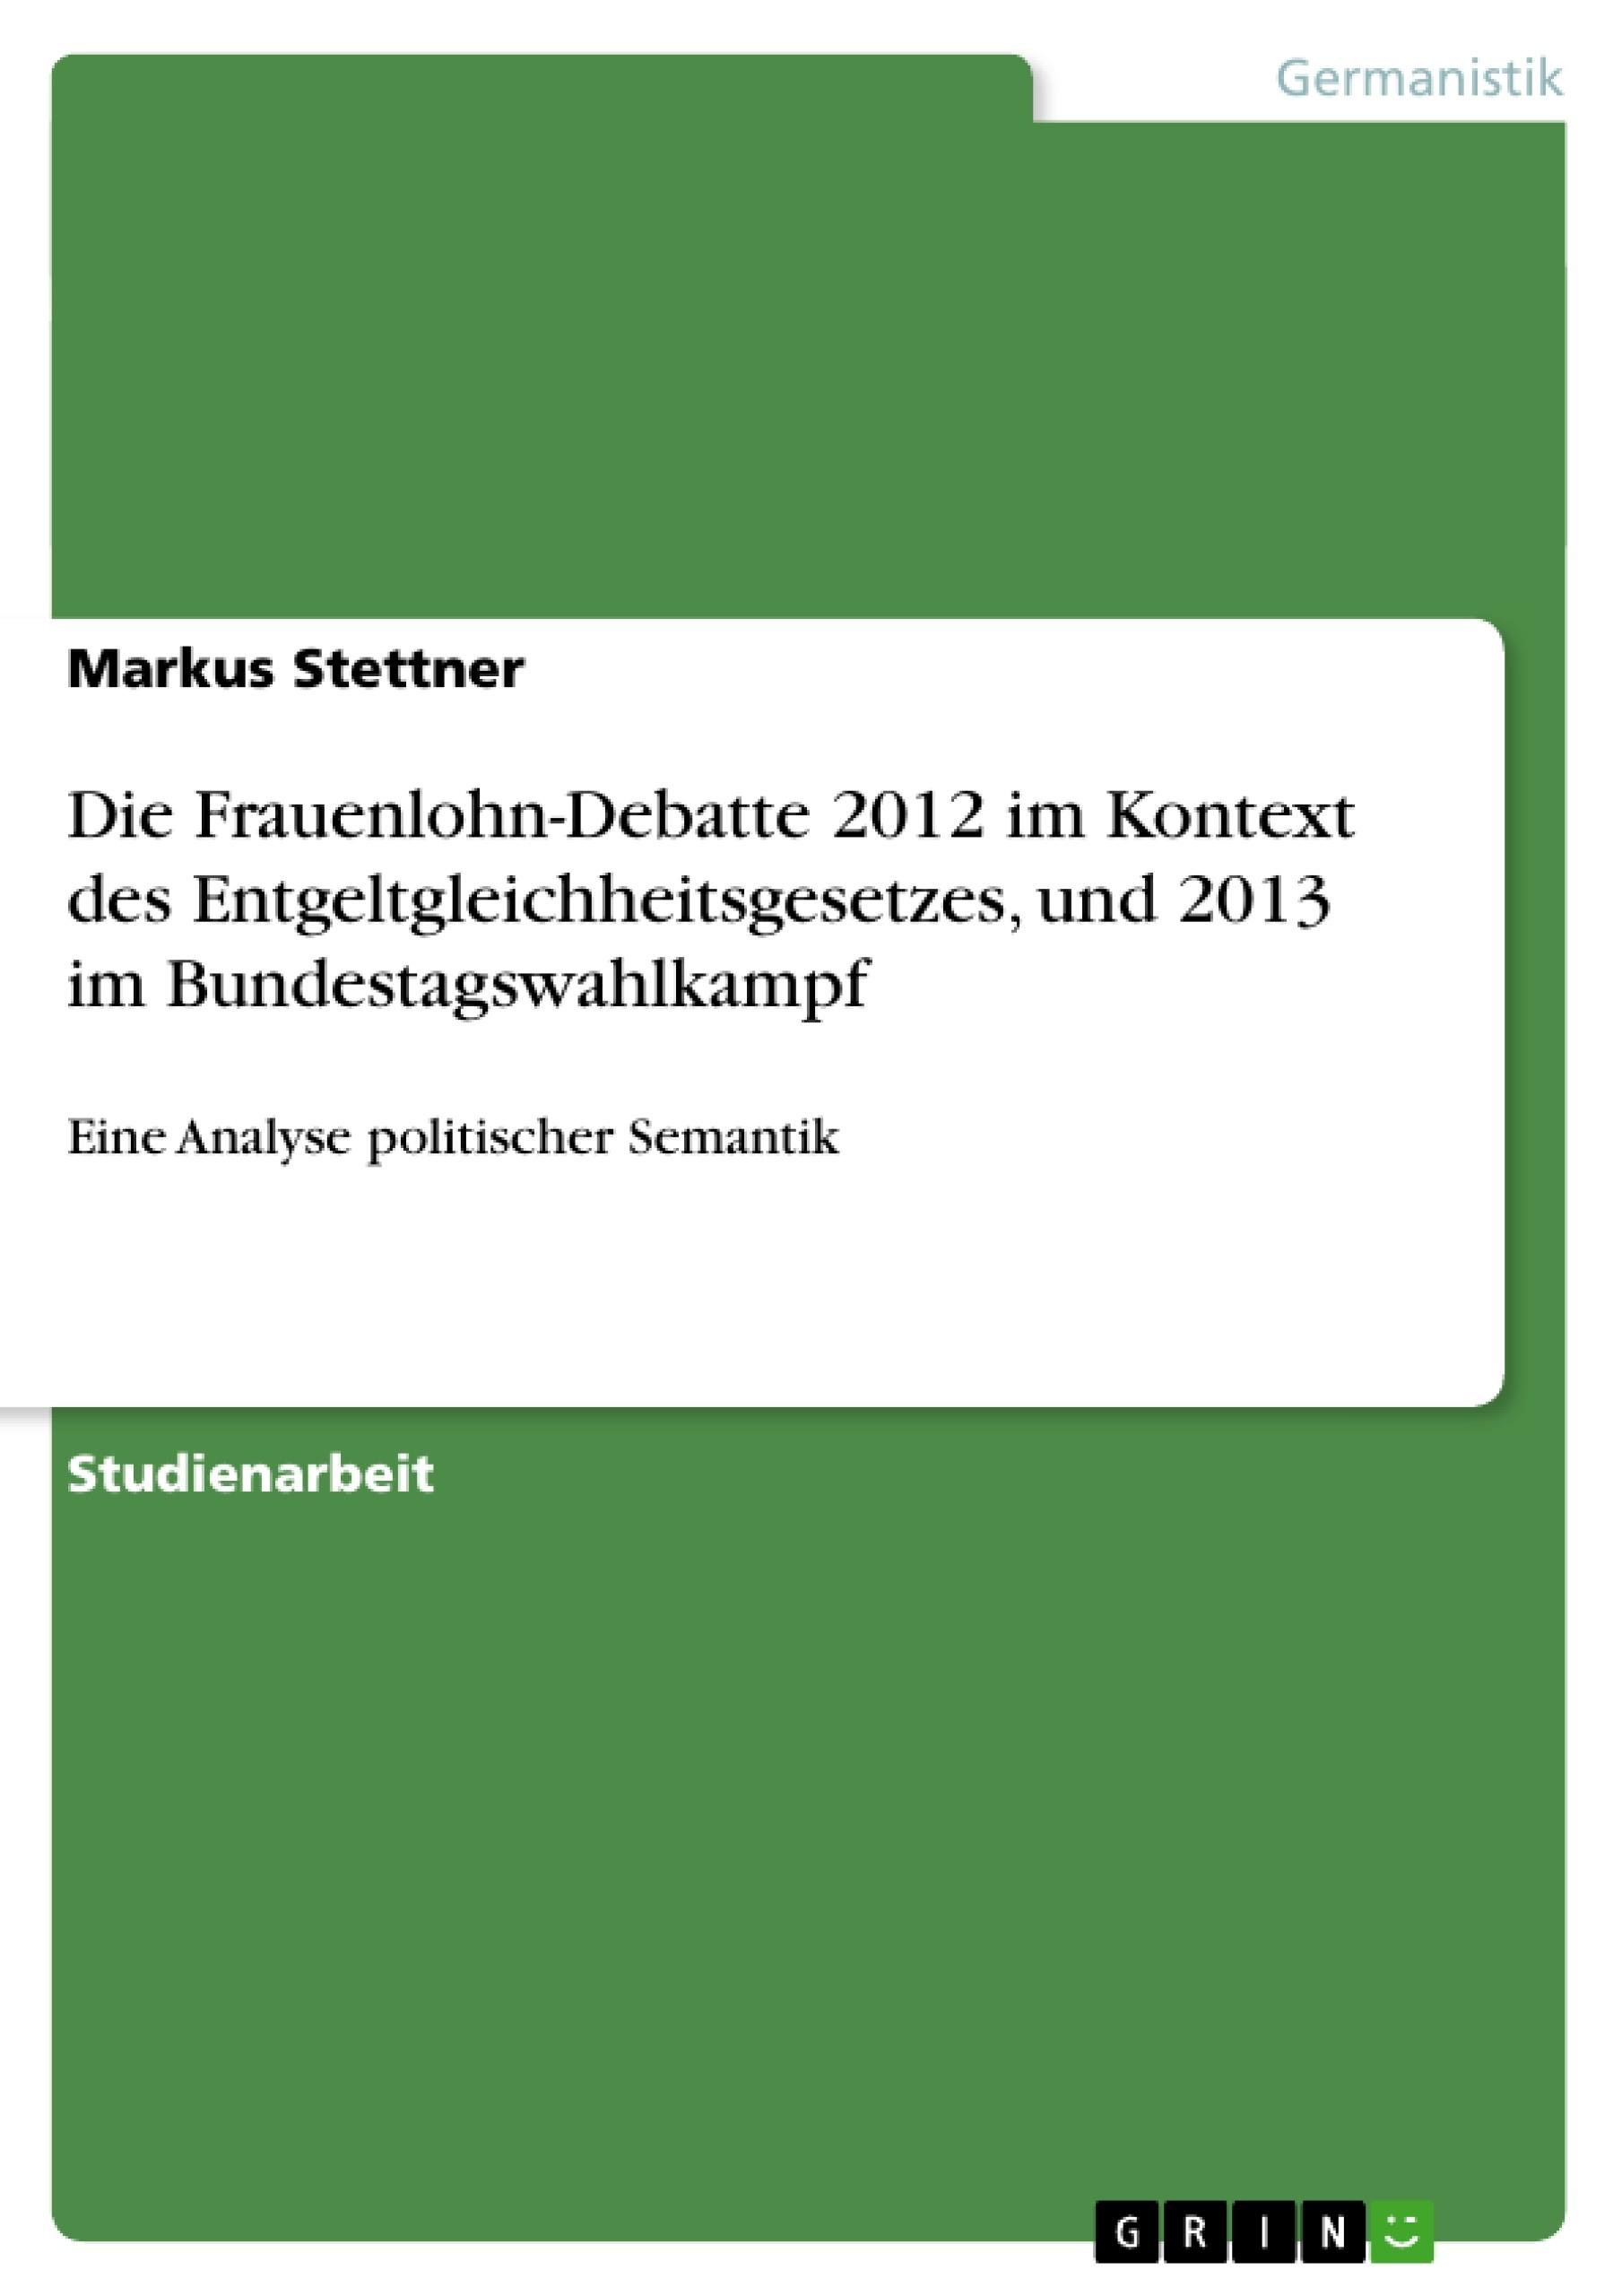 Titel: Die Frauenlohn-Debatte 2012 im Kontext des Entgeltgleichheitsgesetzes, und 2013 im Bundestagswahlkampf